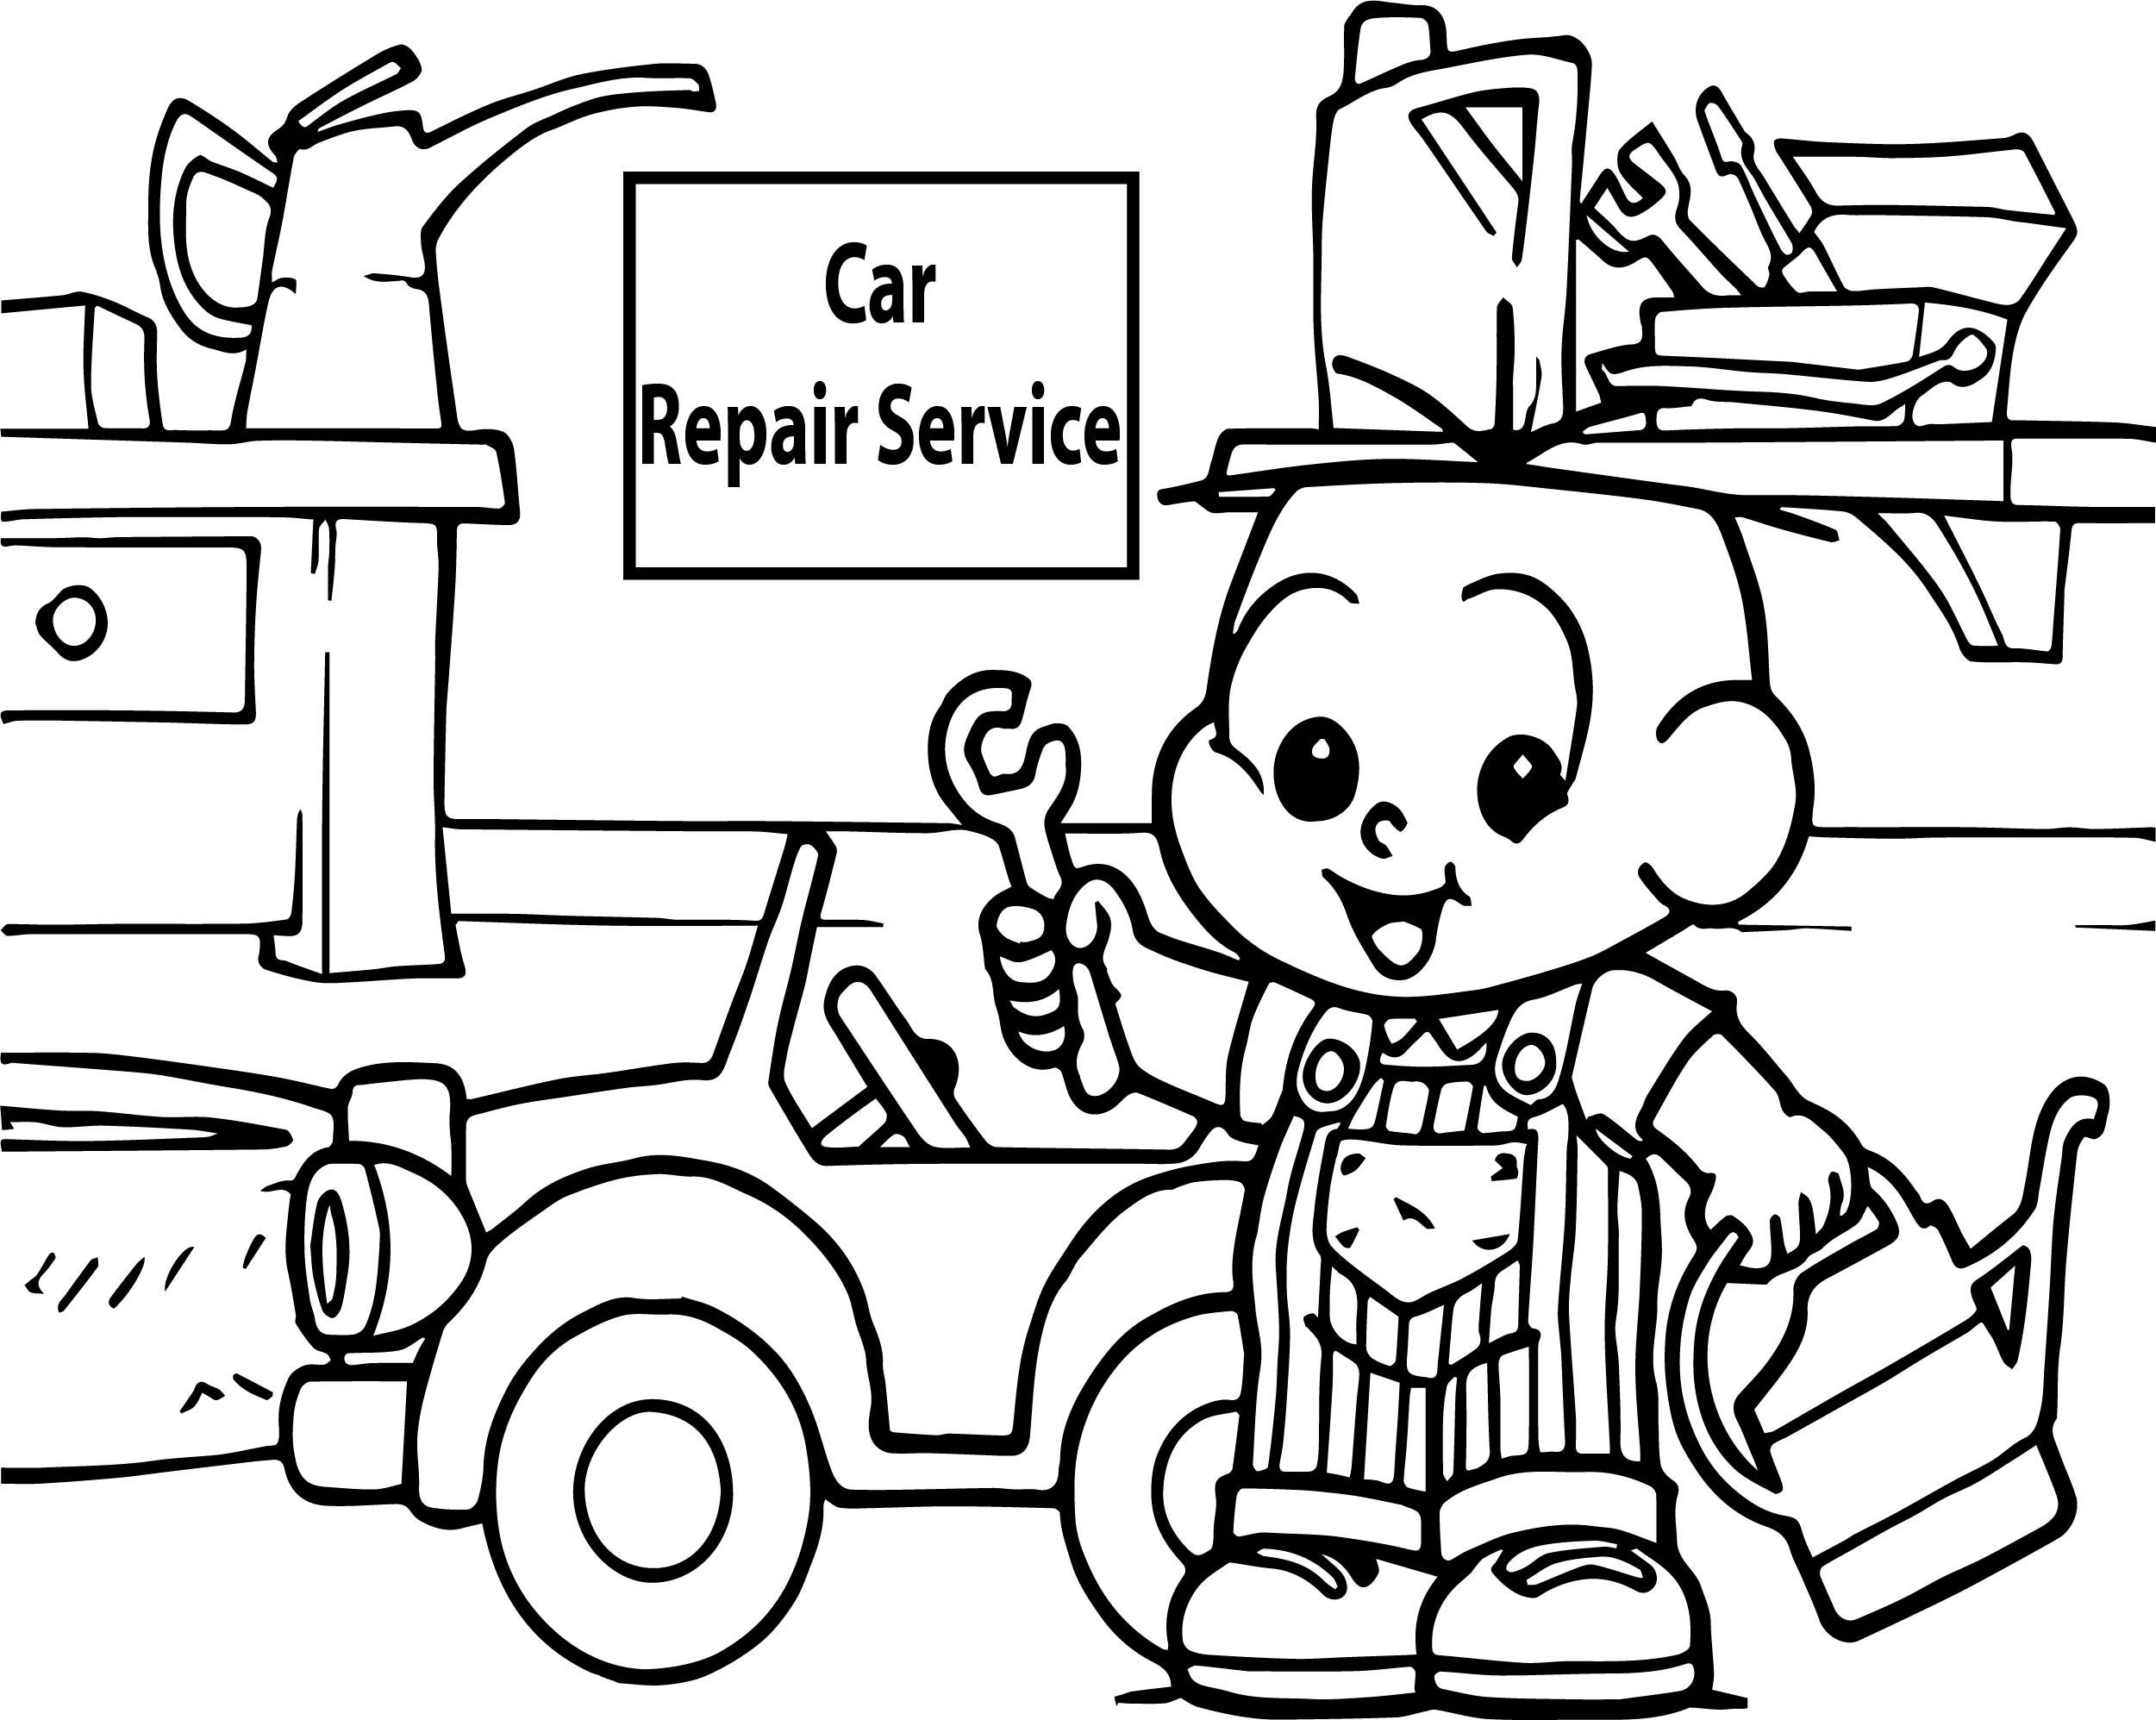 Car Repair Service Oscar Boy Coloring Page